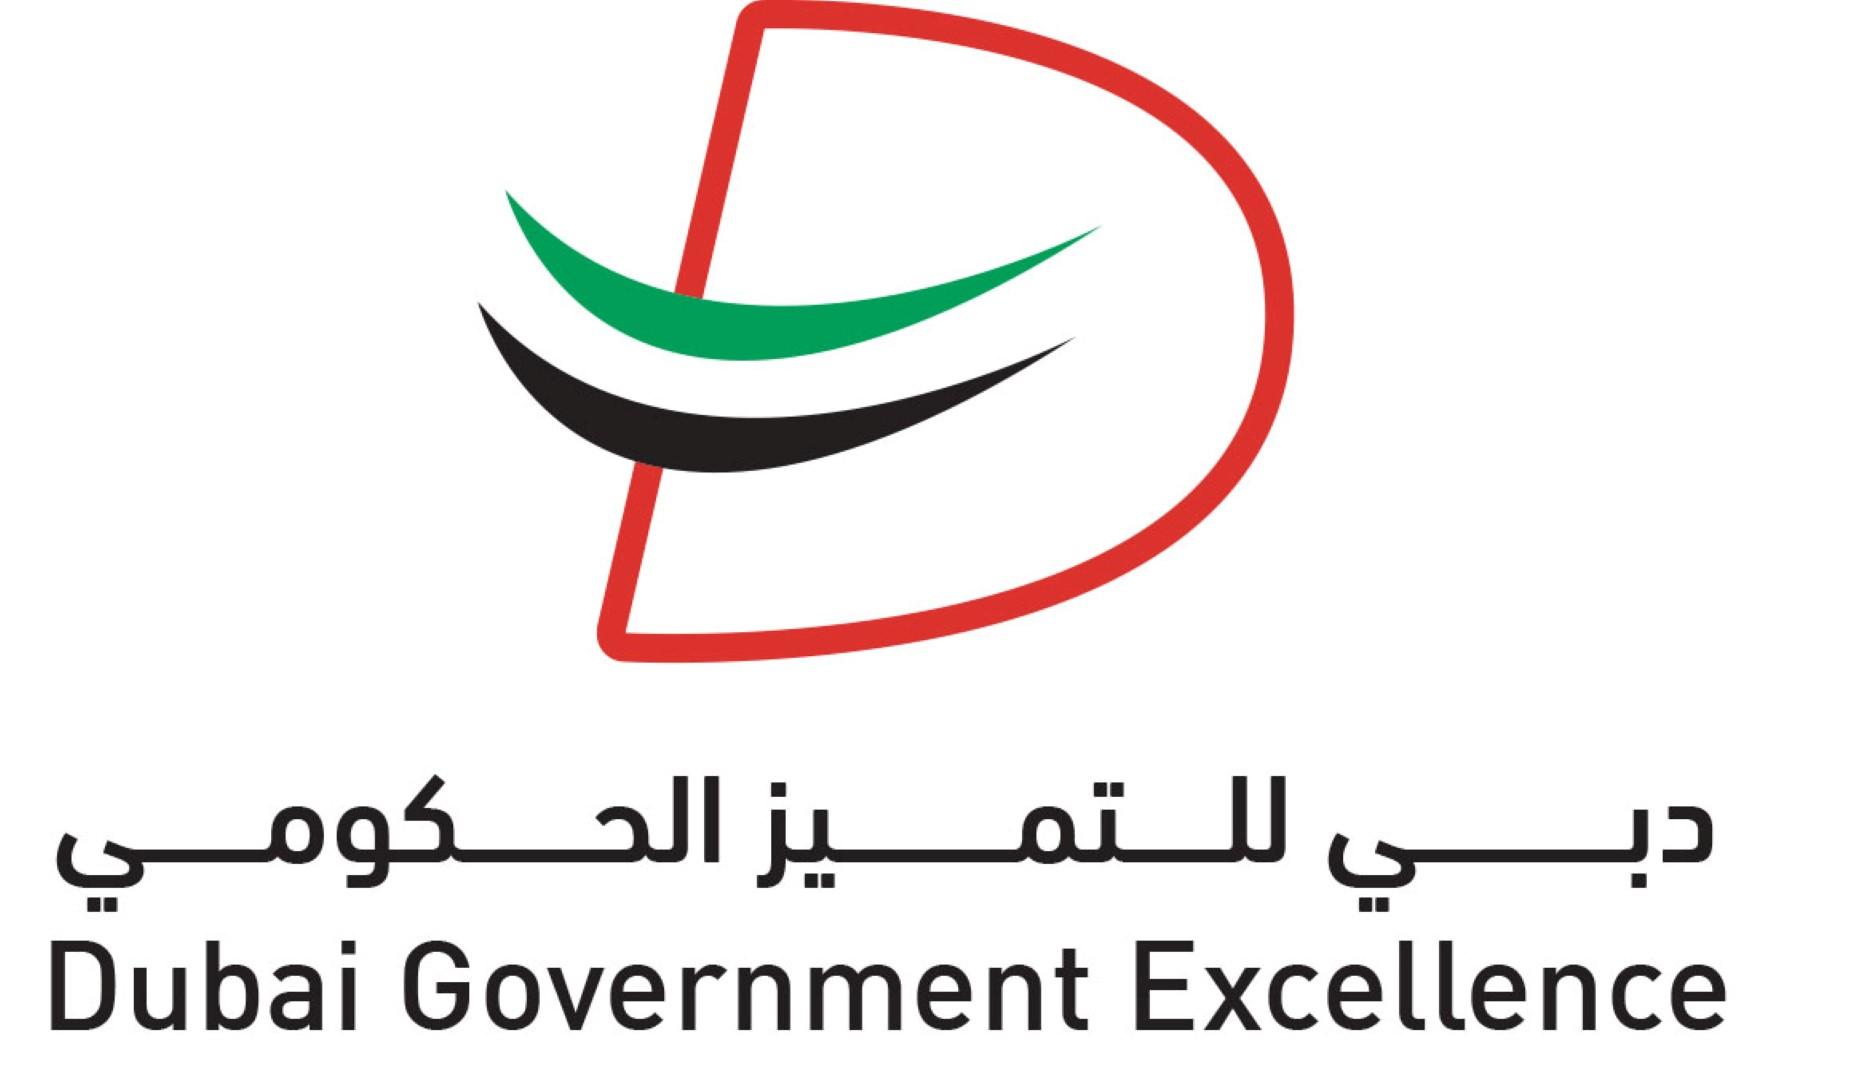 حمدان بن محمد: تطوير العمل الحكومي يستدعي تبني آليات عمل تواكب احتياجات المستقبل وتضمن جودة الحياة للمواطن والمقيم